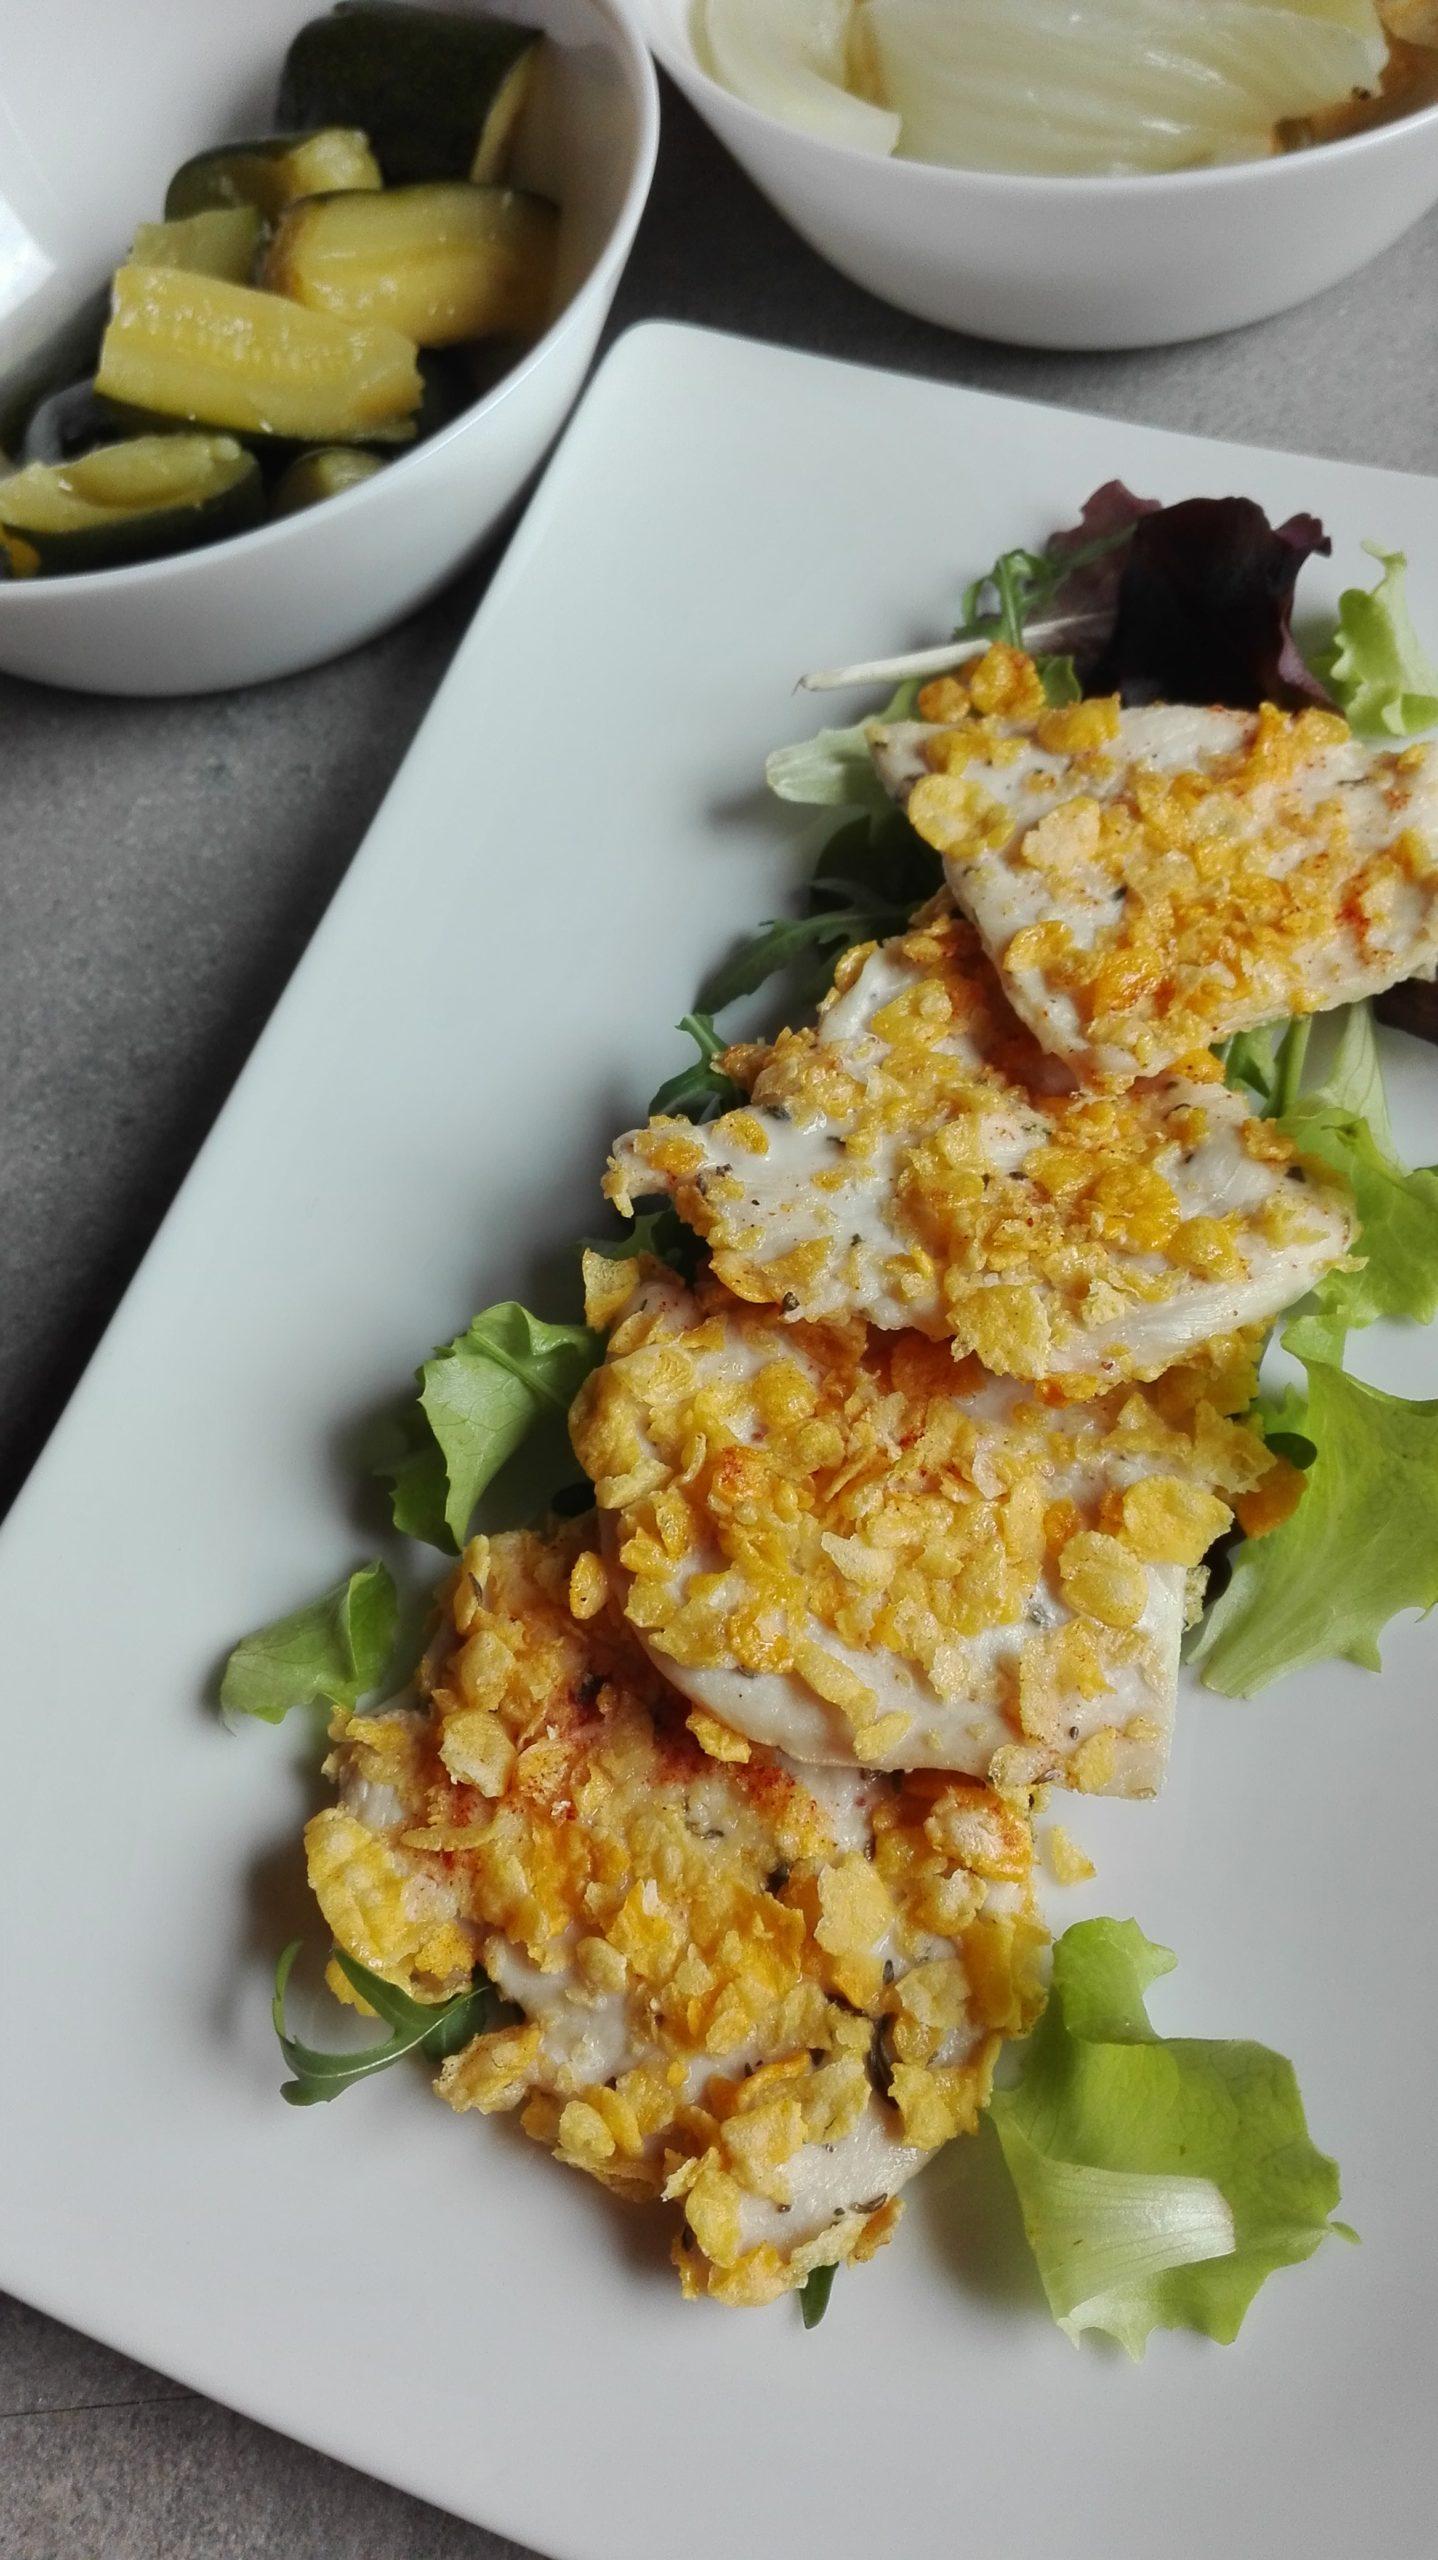 Crocchette pollo con Flackes FoodSpring